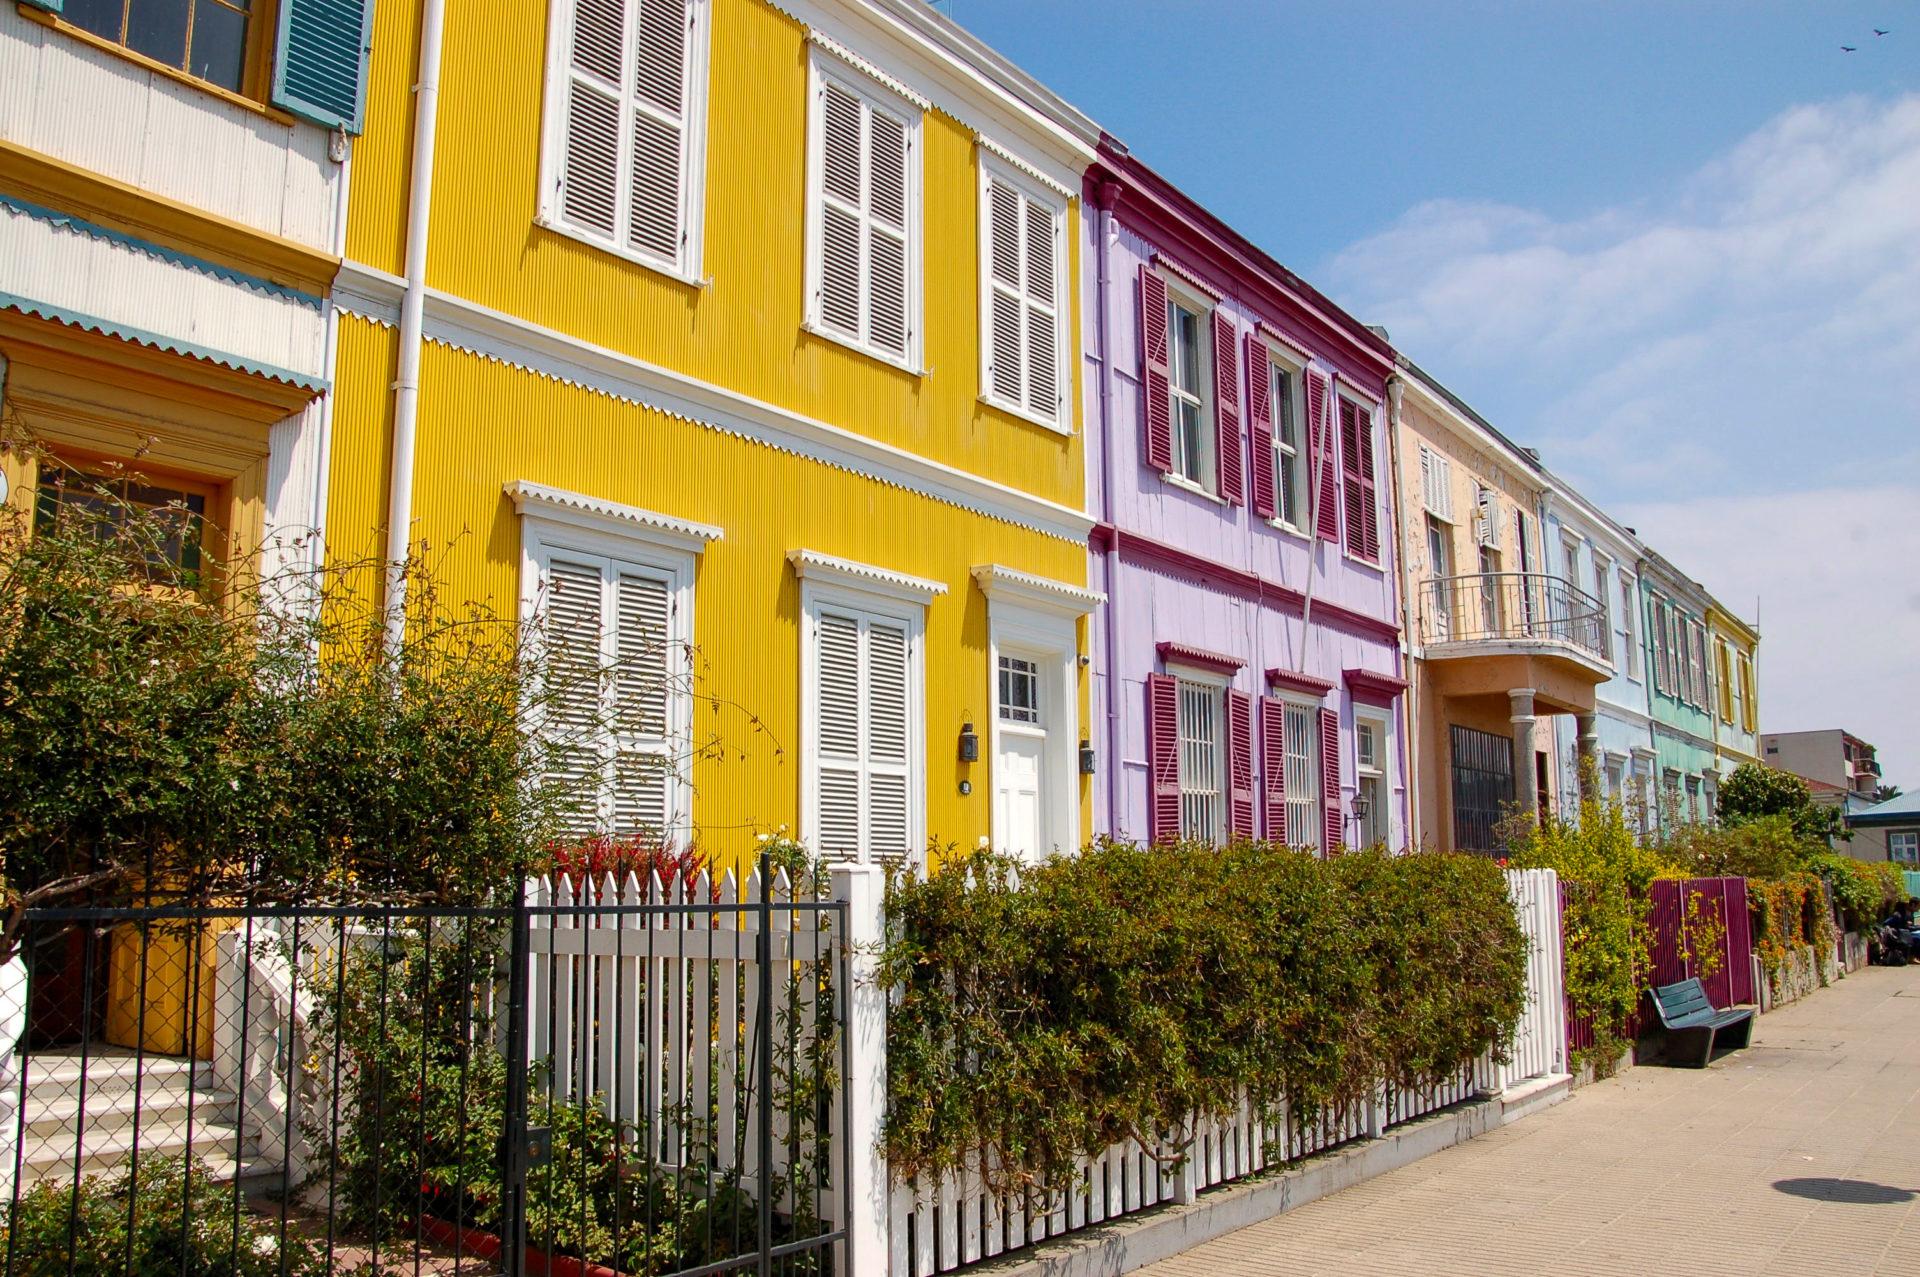 Bunte Häuserzeilen sind ein weiteres Charakteristikum von Valparaiso